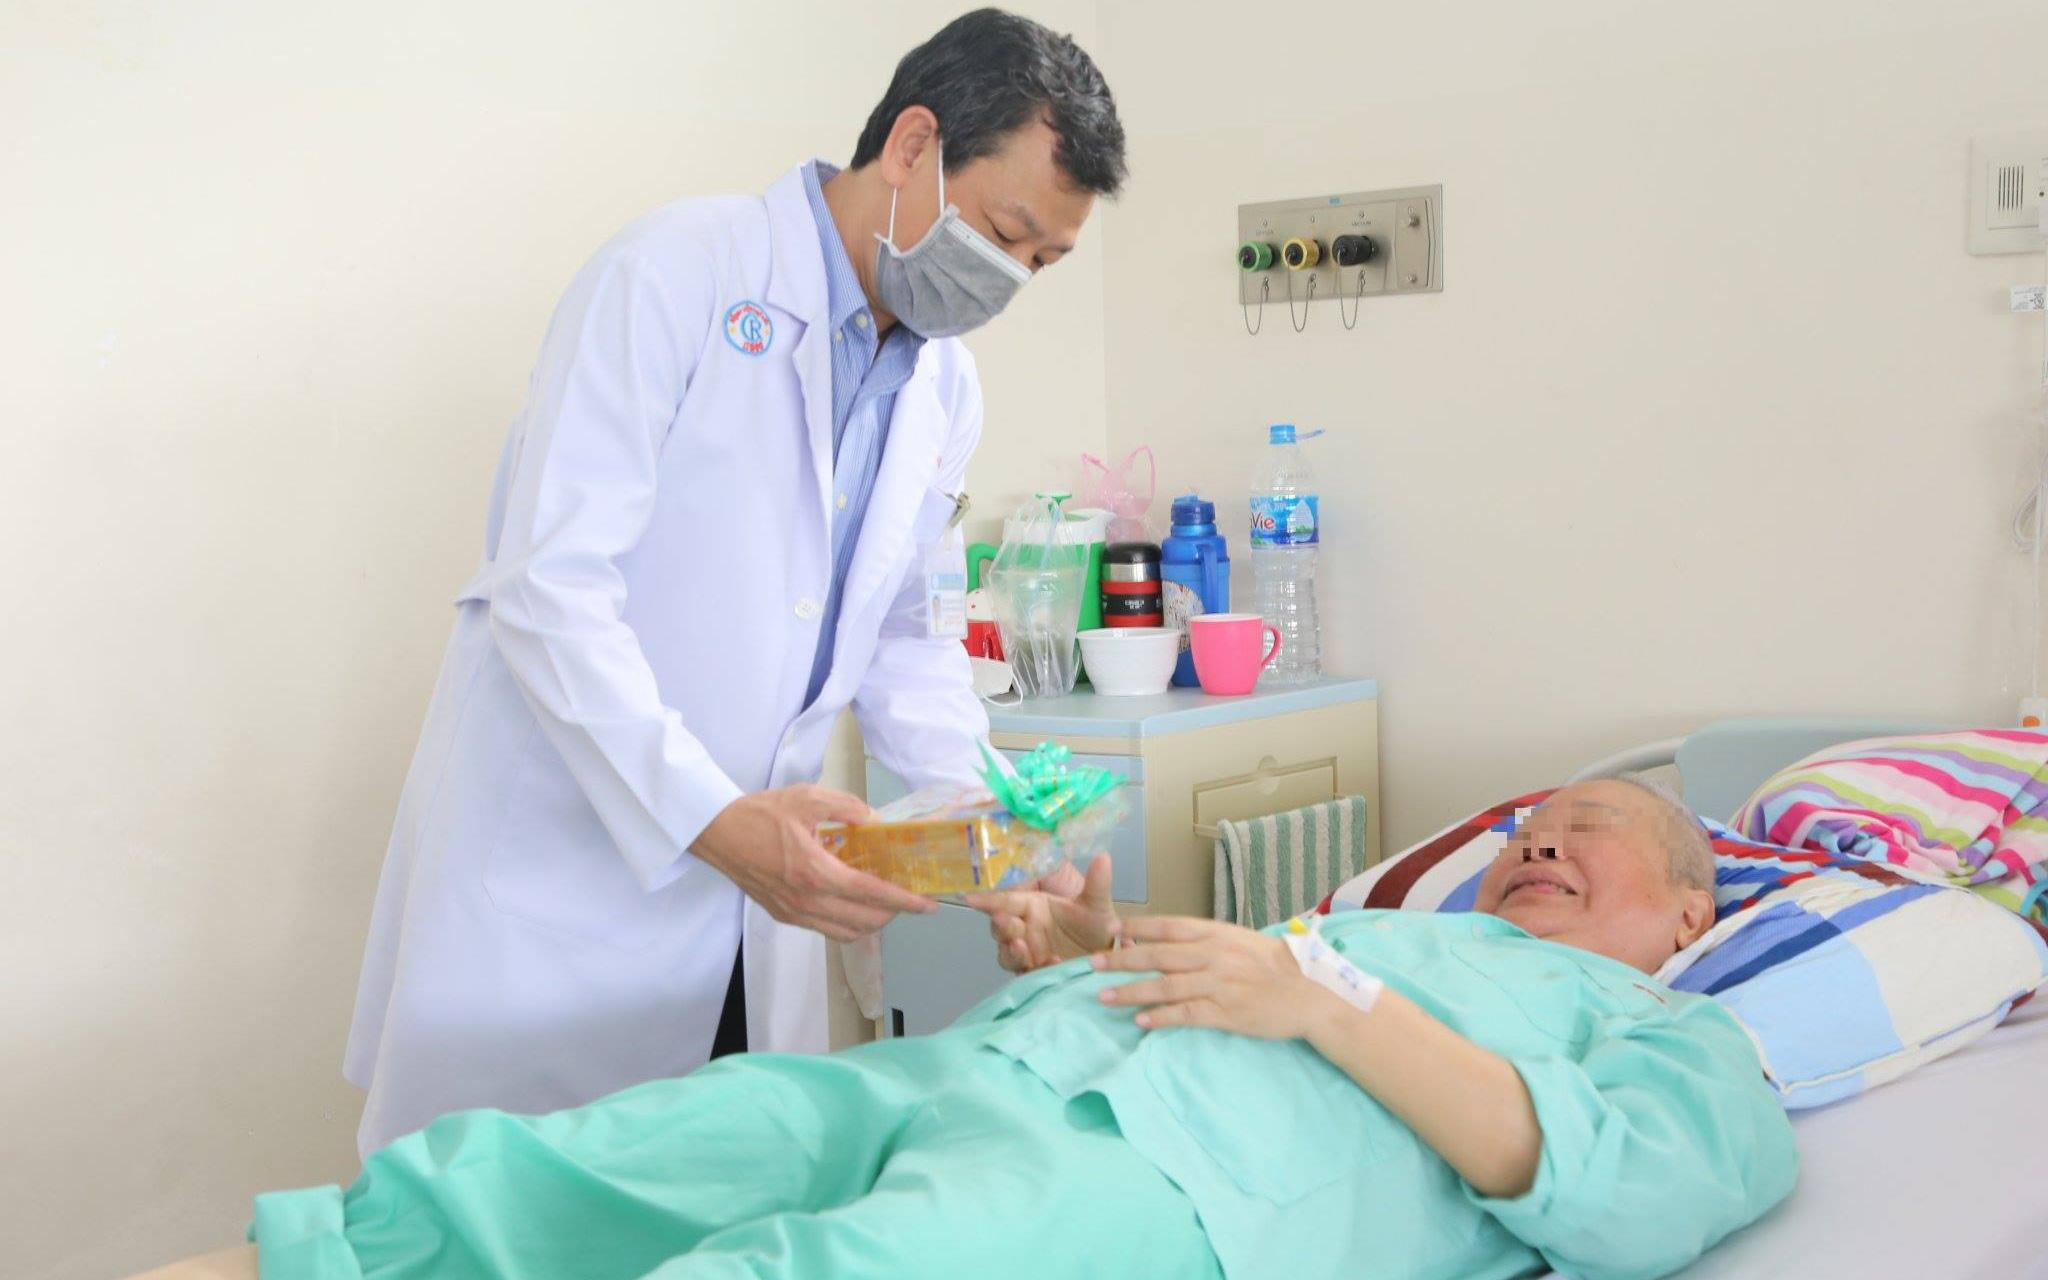 Bệnh nhân ung thư xúc động nghẹn ngào khi Giám đốc bệnh viện đến tận giường bệnh tặng quà ngày Phụ nữ Việt Nam